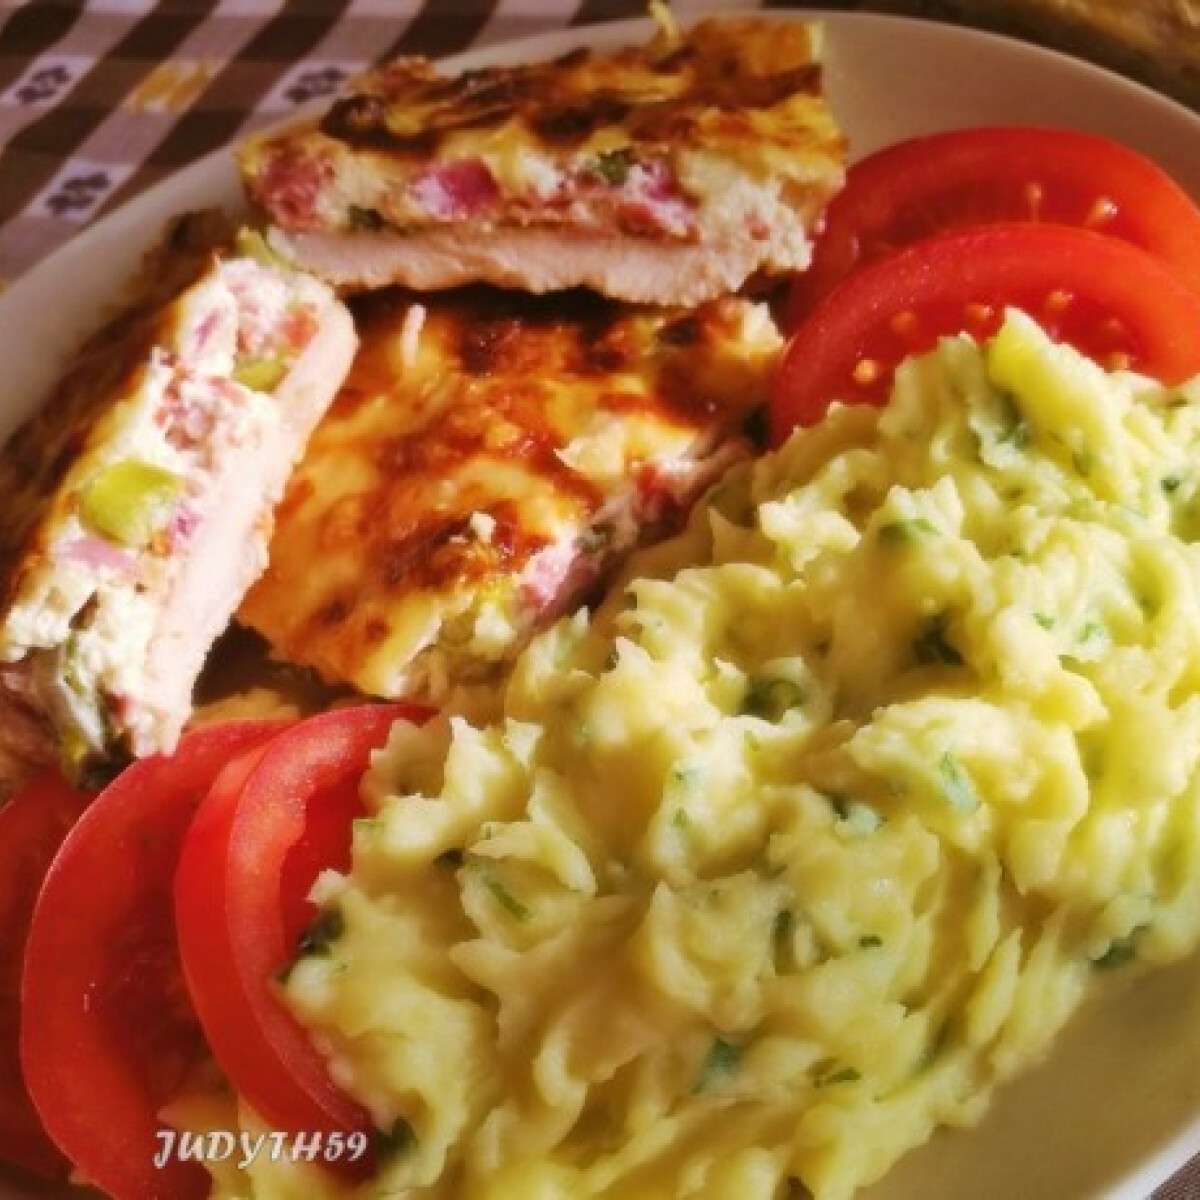 Tepsis újhagymás-sonkás-baconös csirkemellszeletek